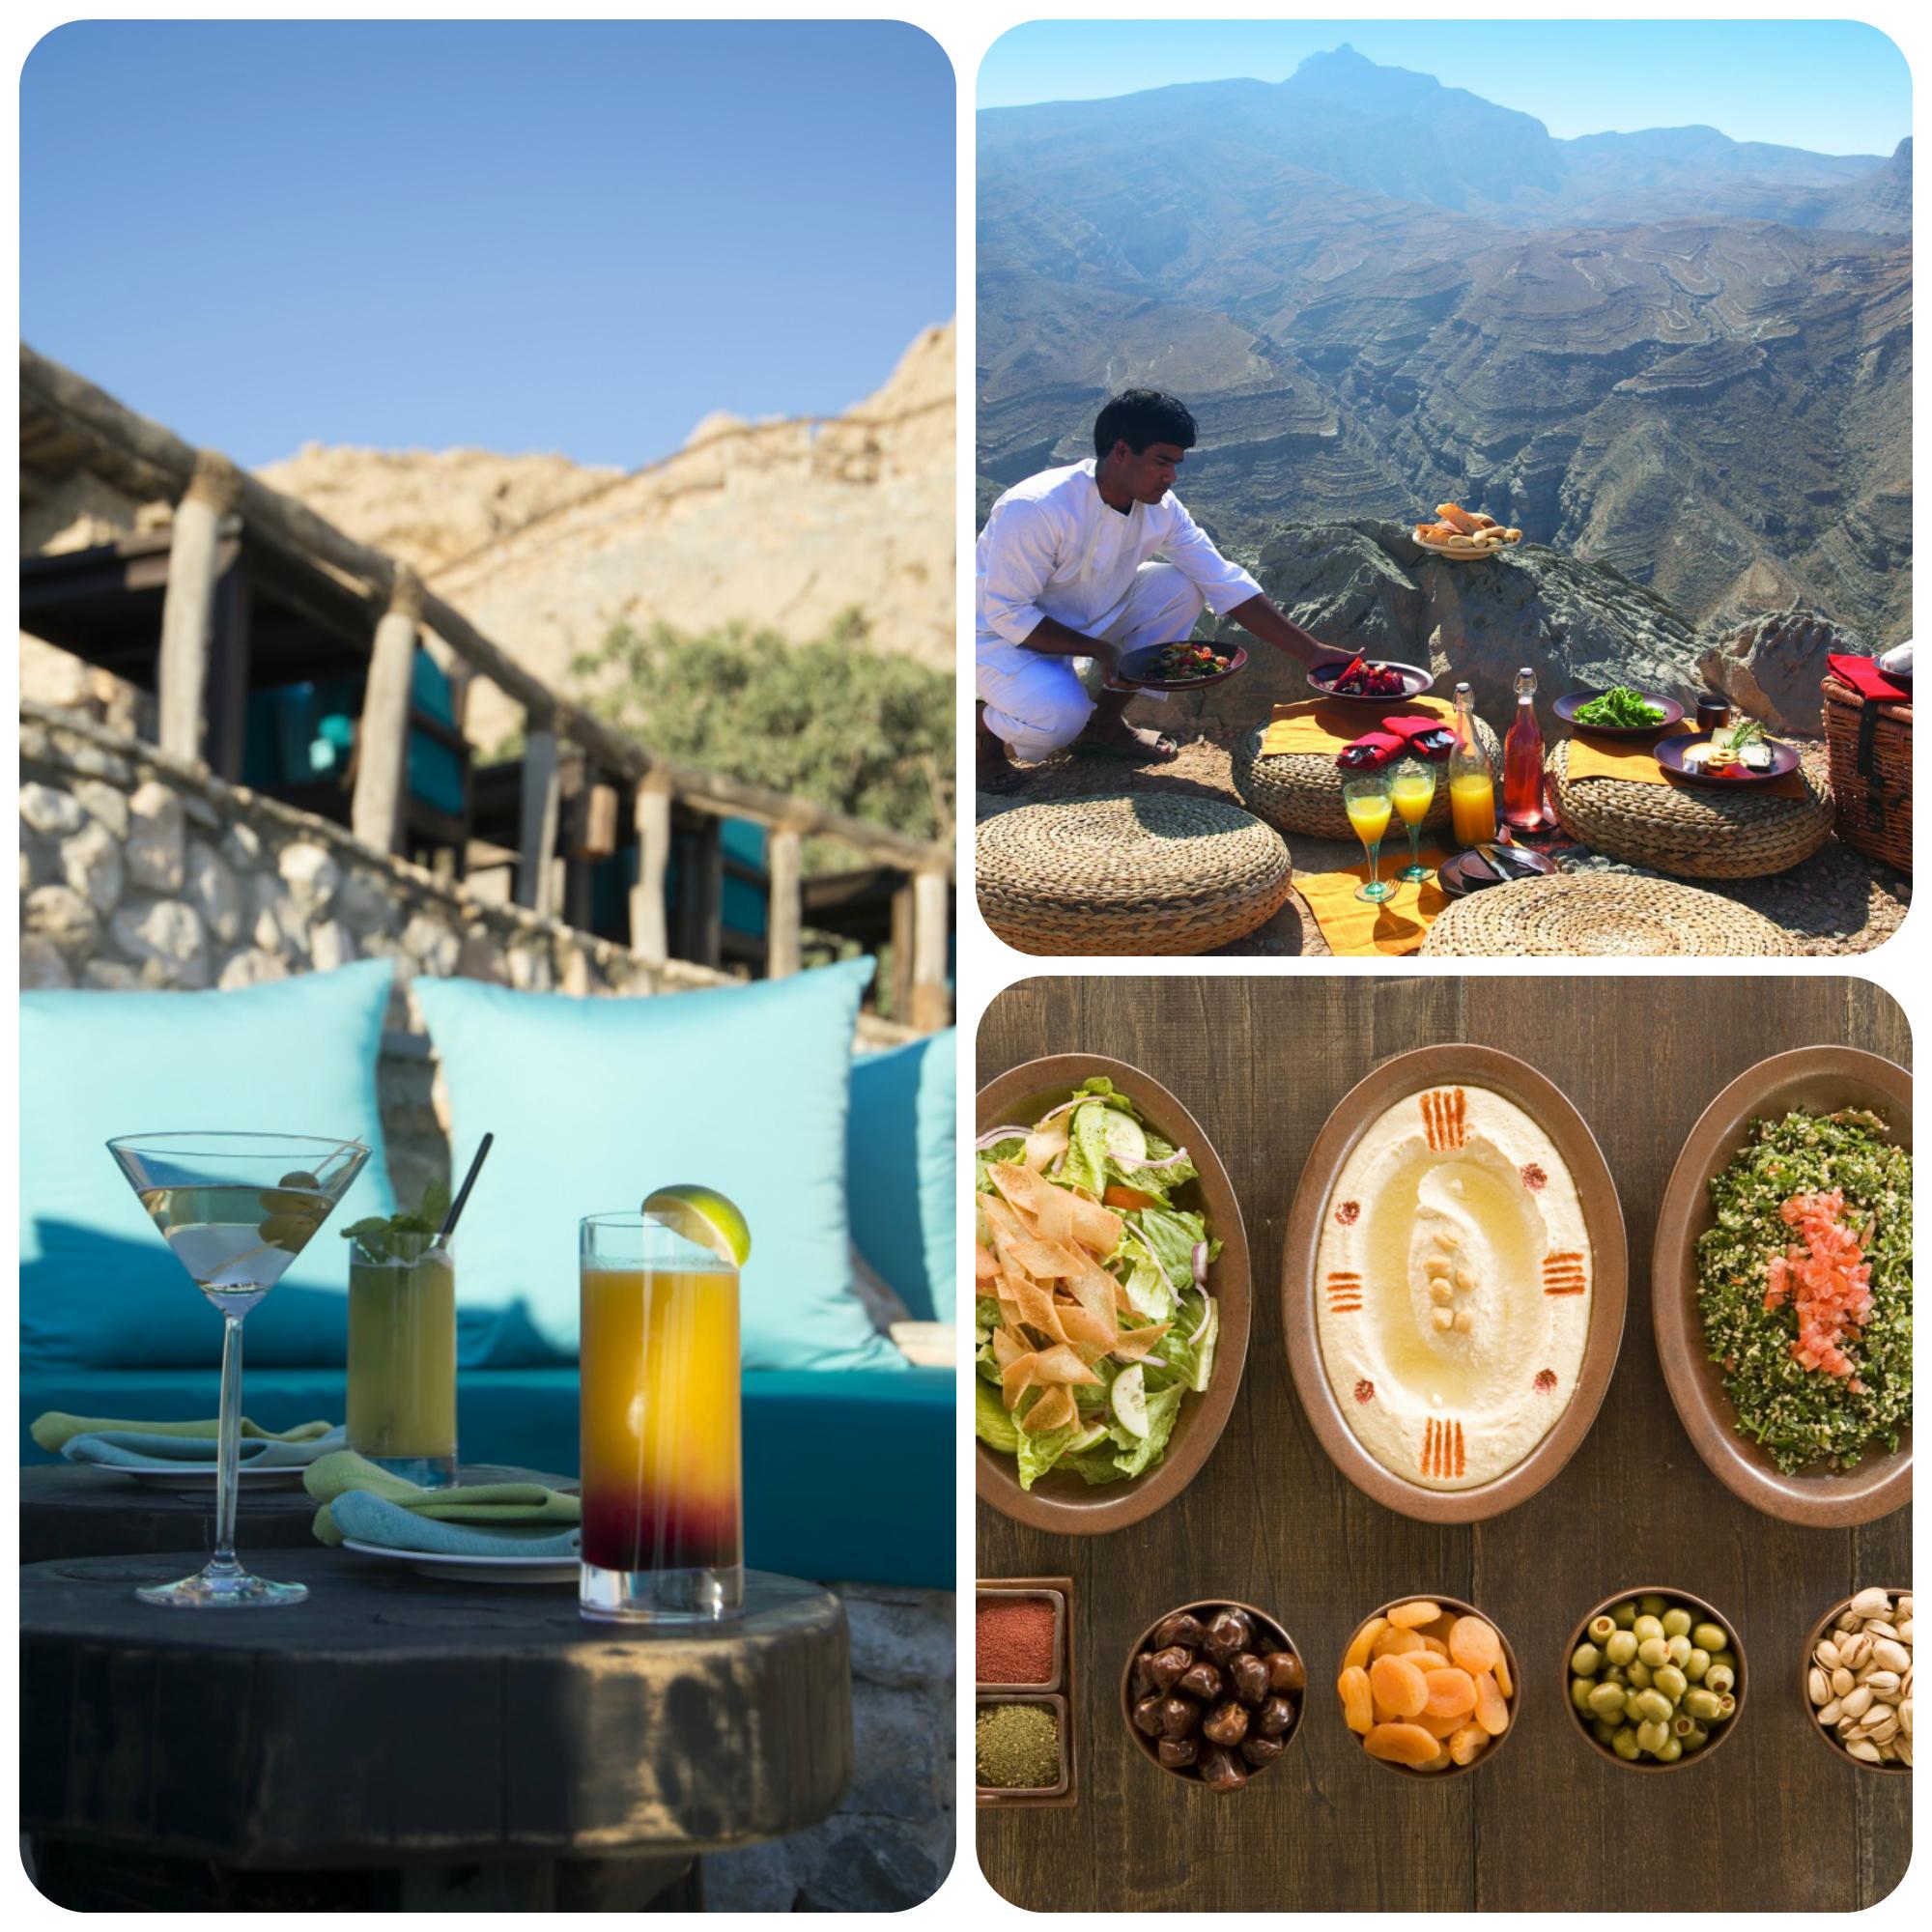 The Food at Six Senses Zighy Bay